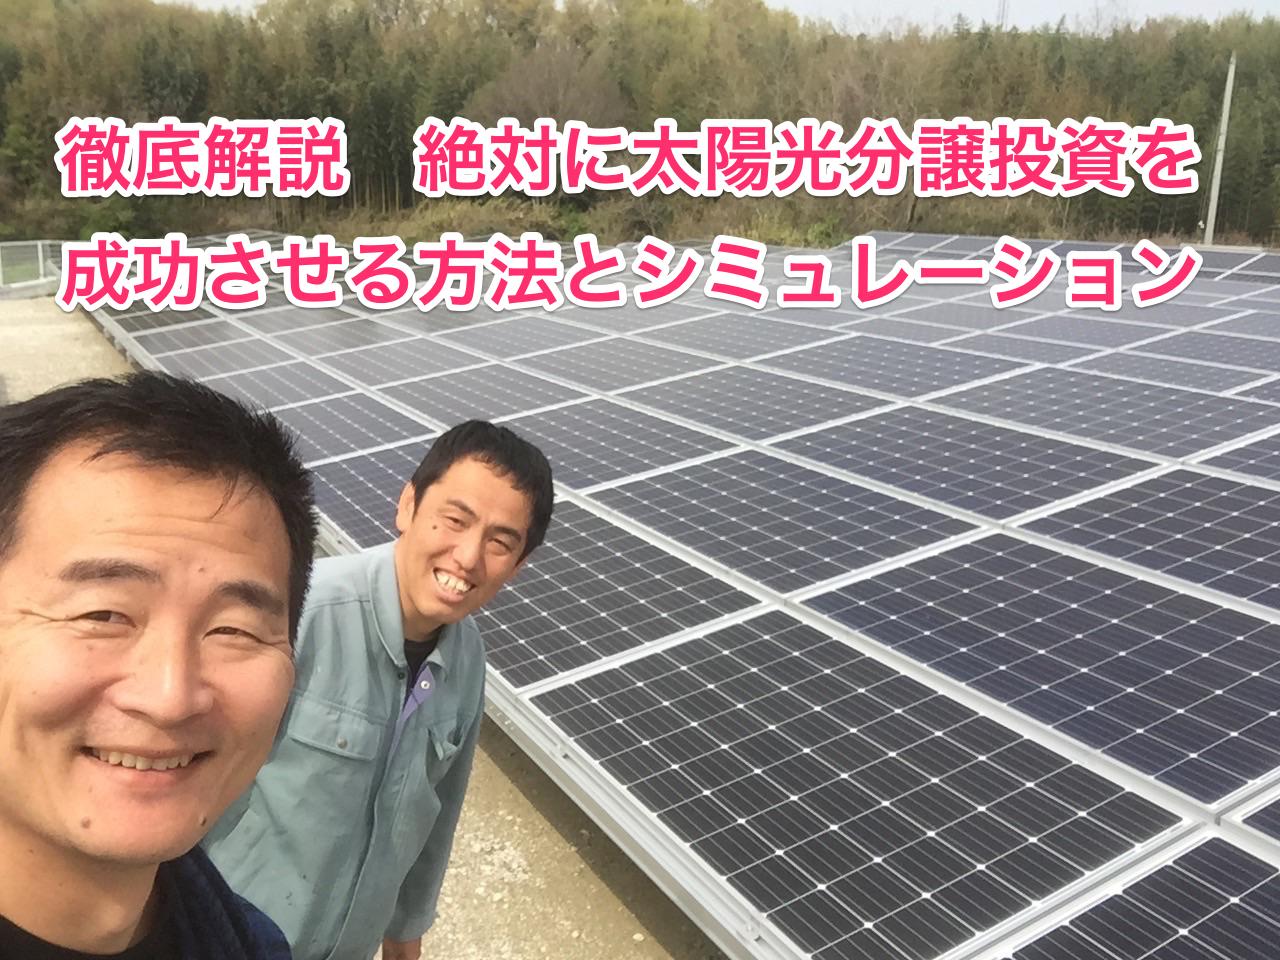 徹底解説 太陽光発電分譲投資